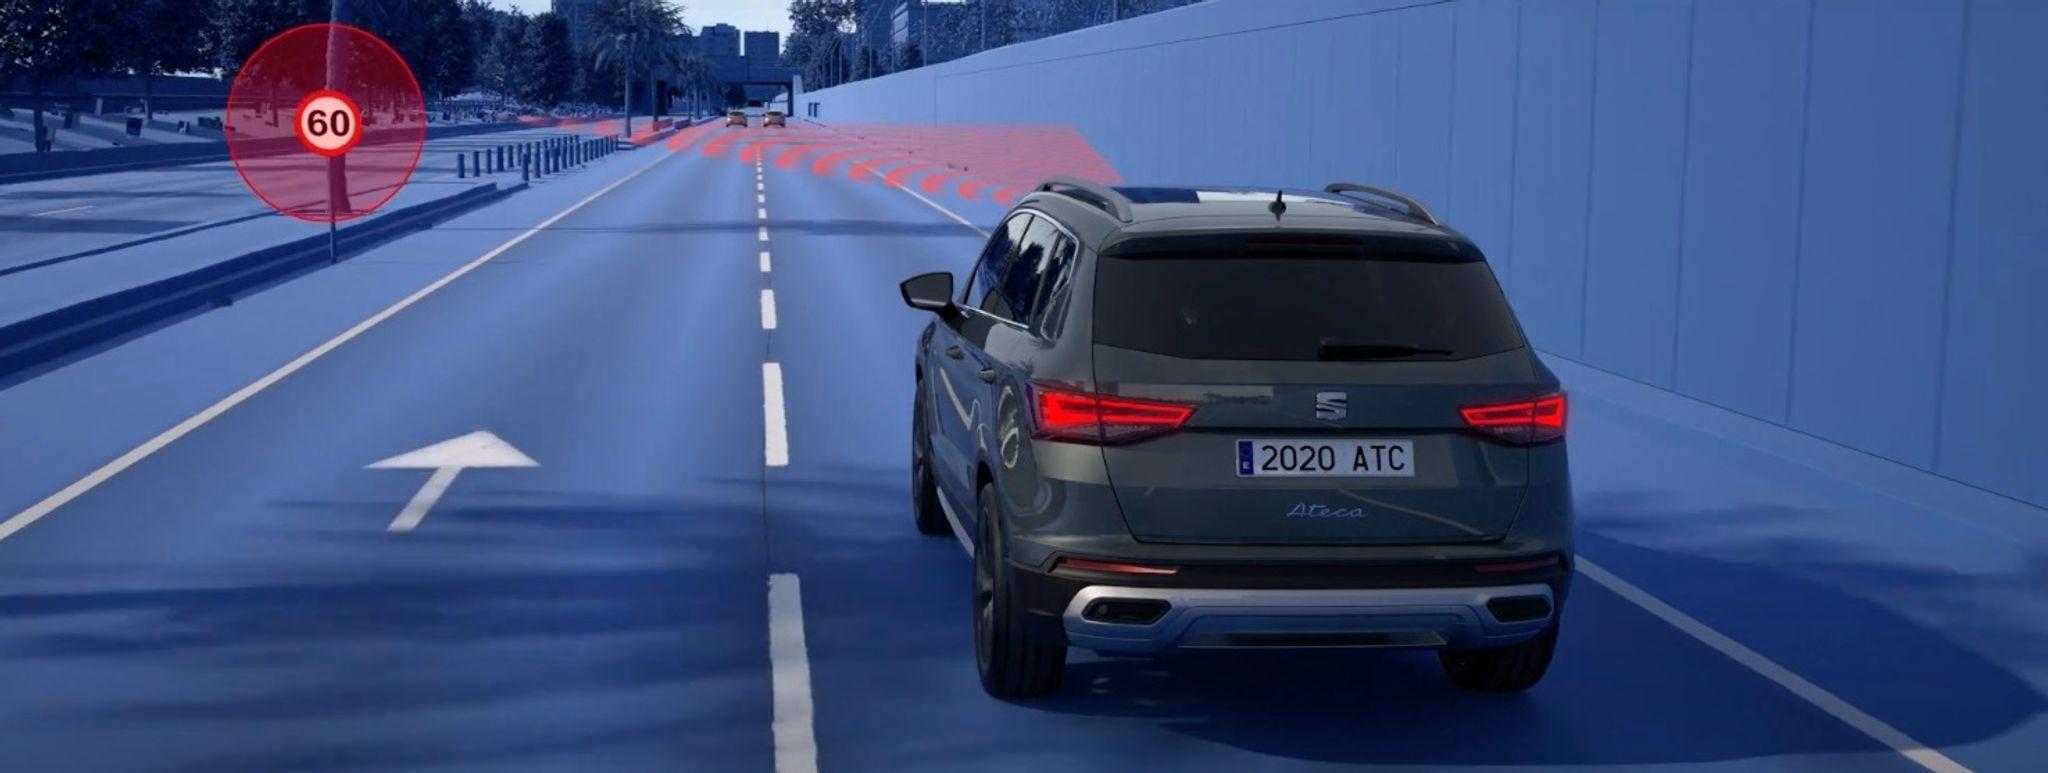 Las cámaras frontales del nuevo SEATLeón 2021 visualizan las señales de velocidad máxima. Foto: Seat/dpa